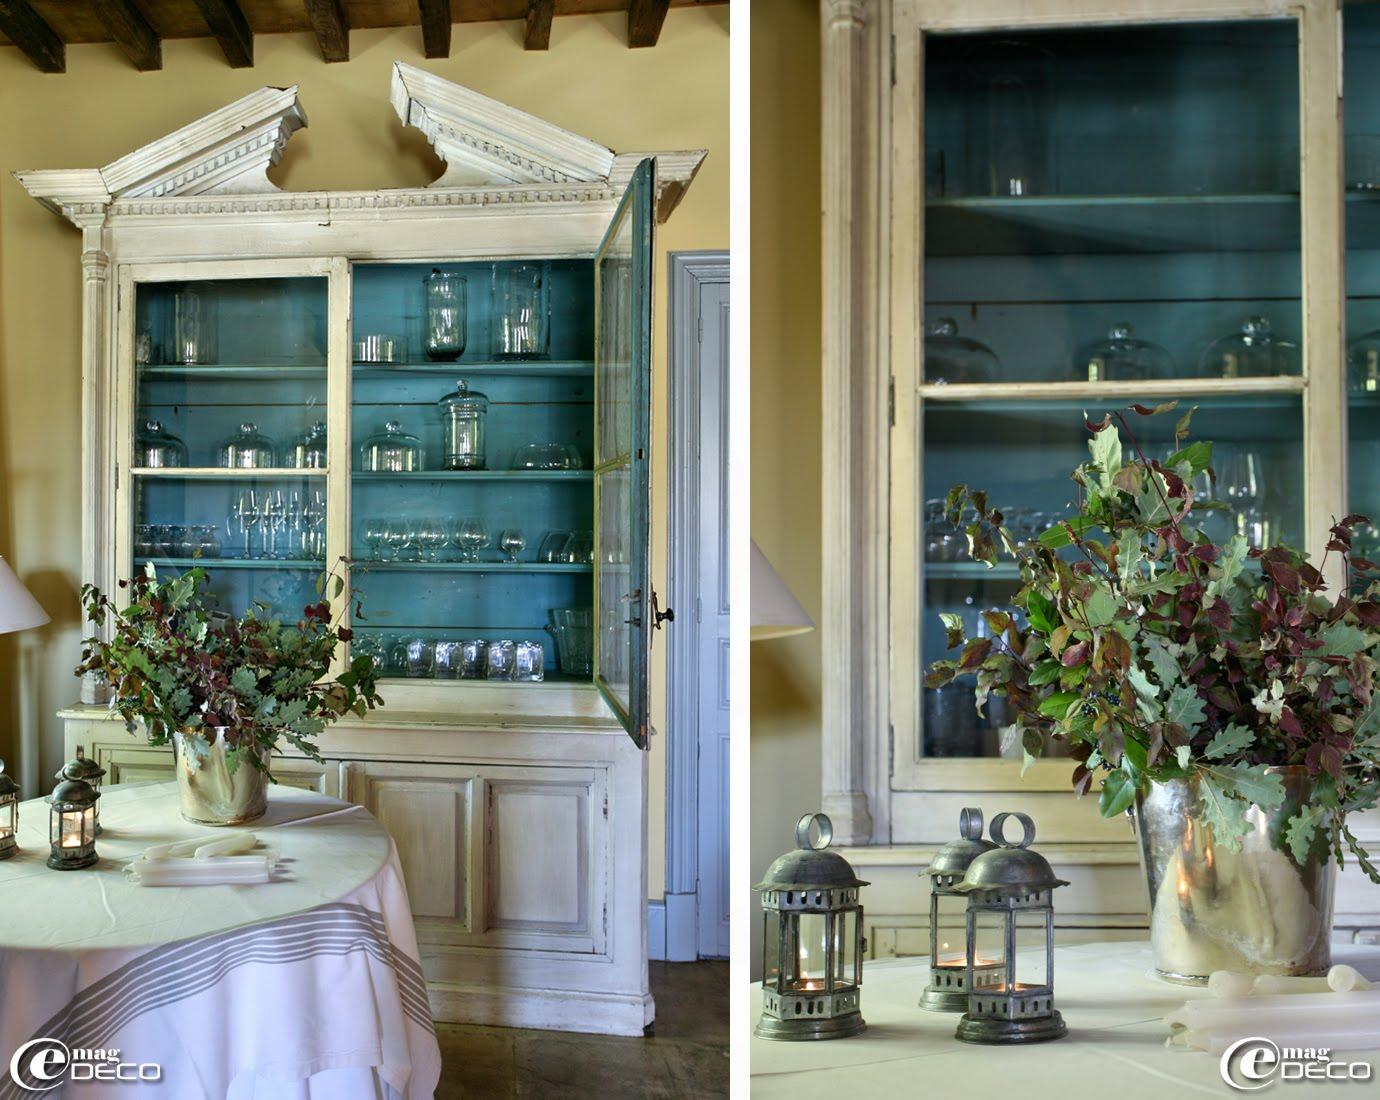 Dans le grand salon, la verrerie se range dans un ancien vaisselier de style Gustavien, Le Mas de Peint au Sambuc en Camargue